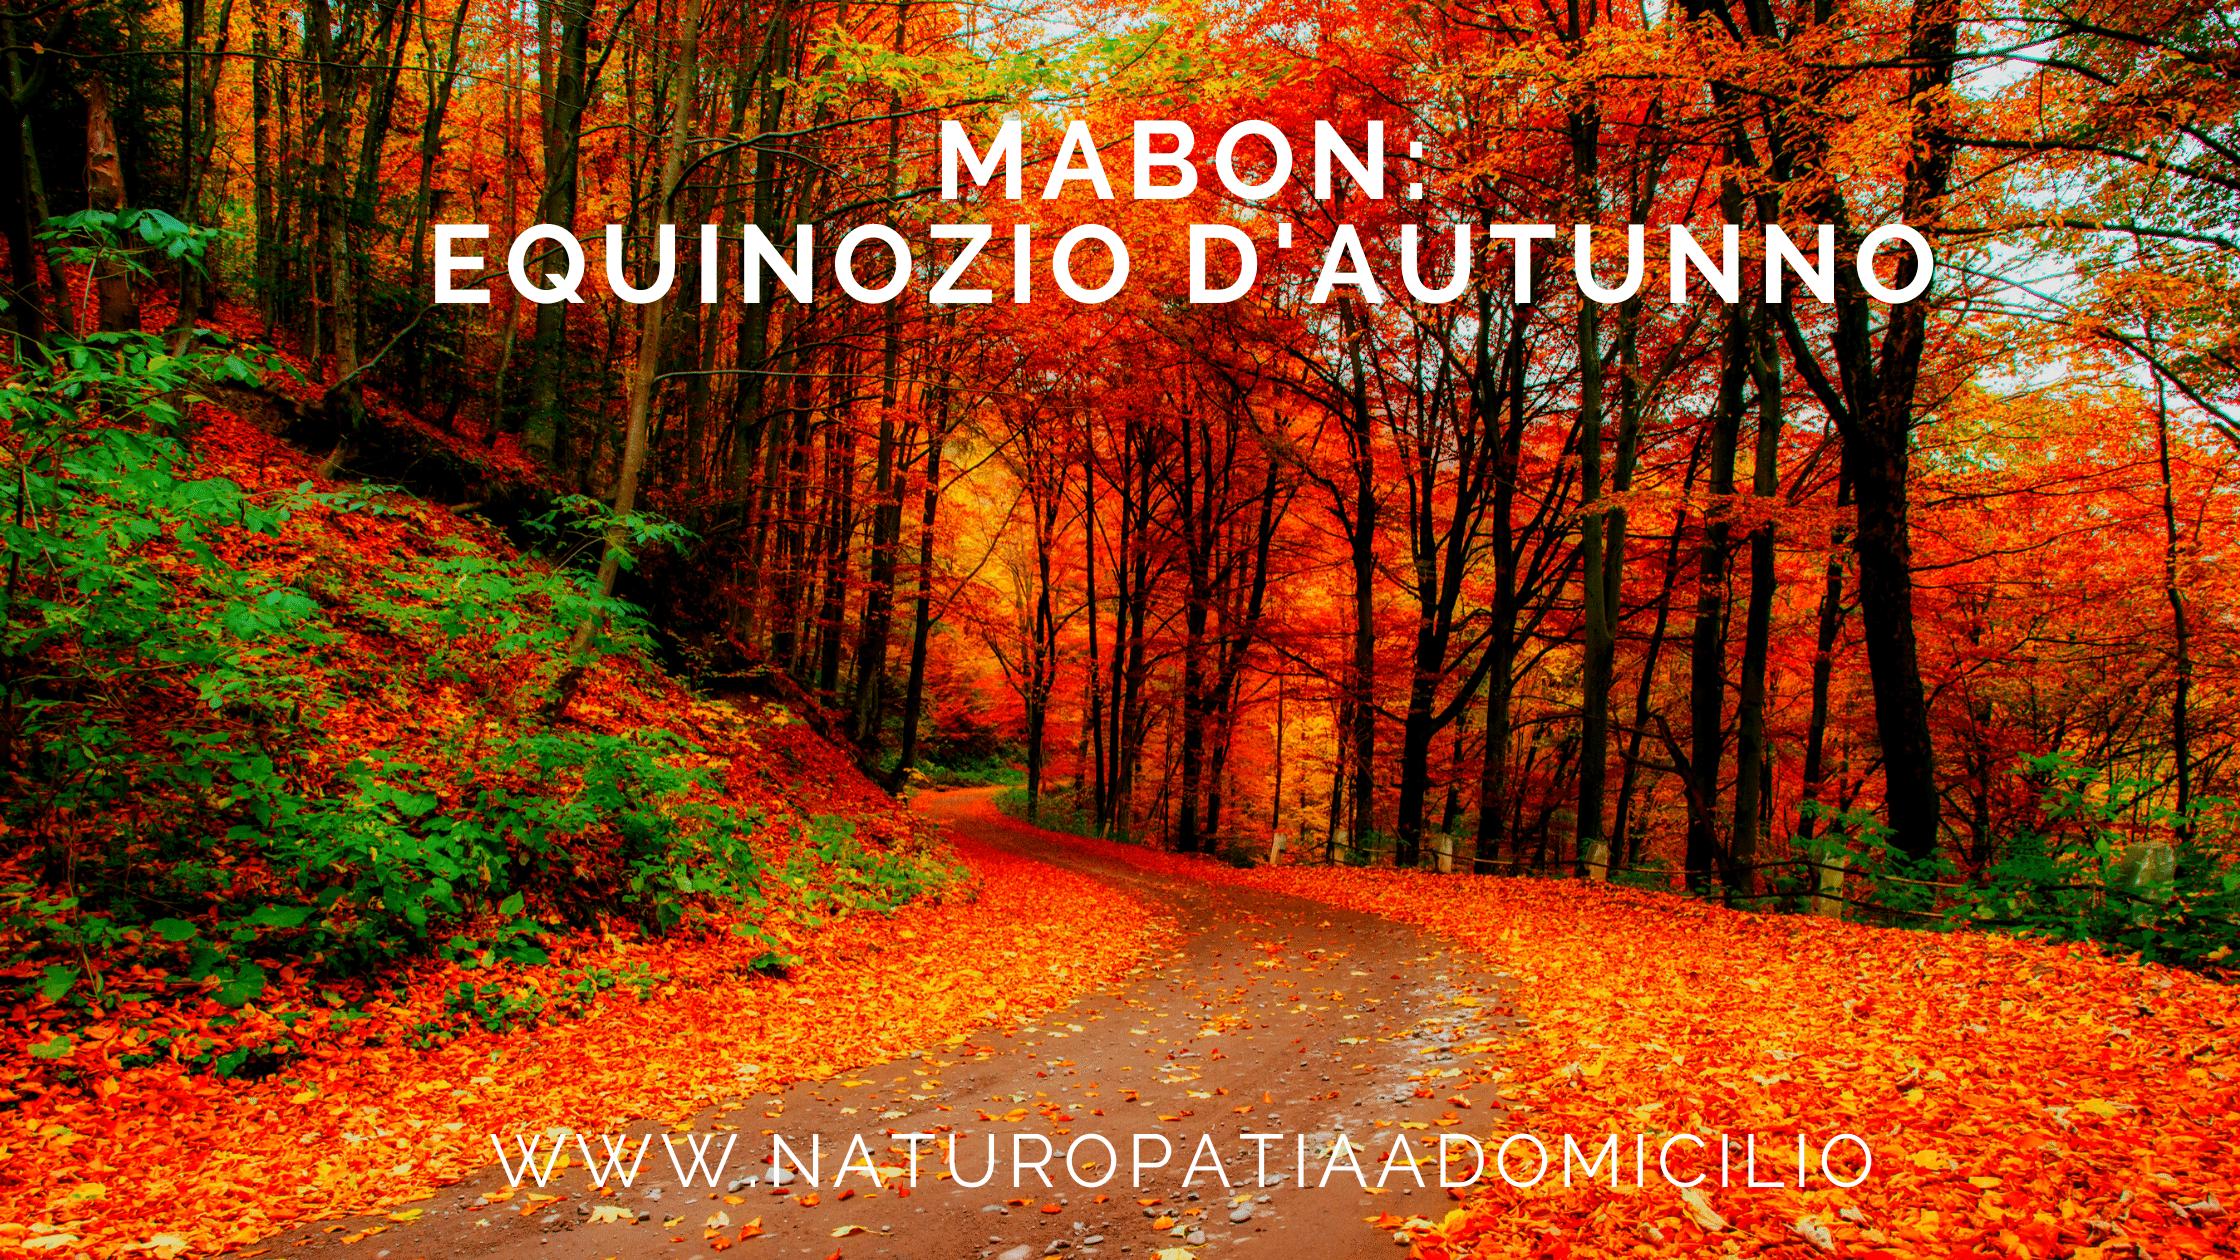 Equinozio, Mabon, Naturopatiaadomicilio, Atunno, Miti